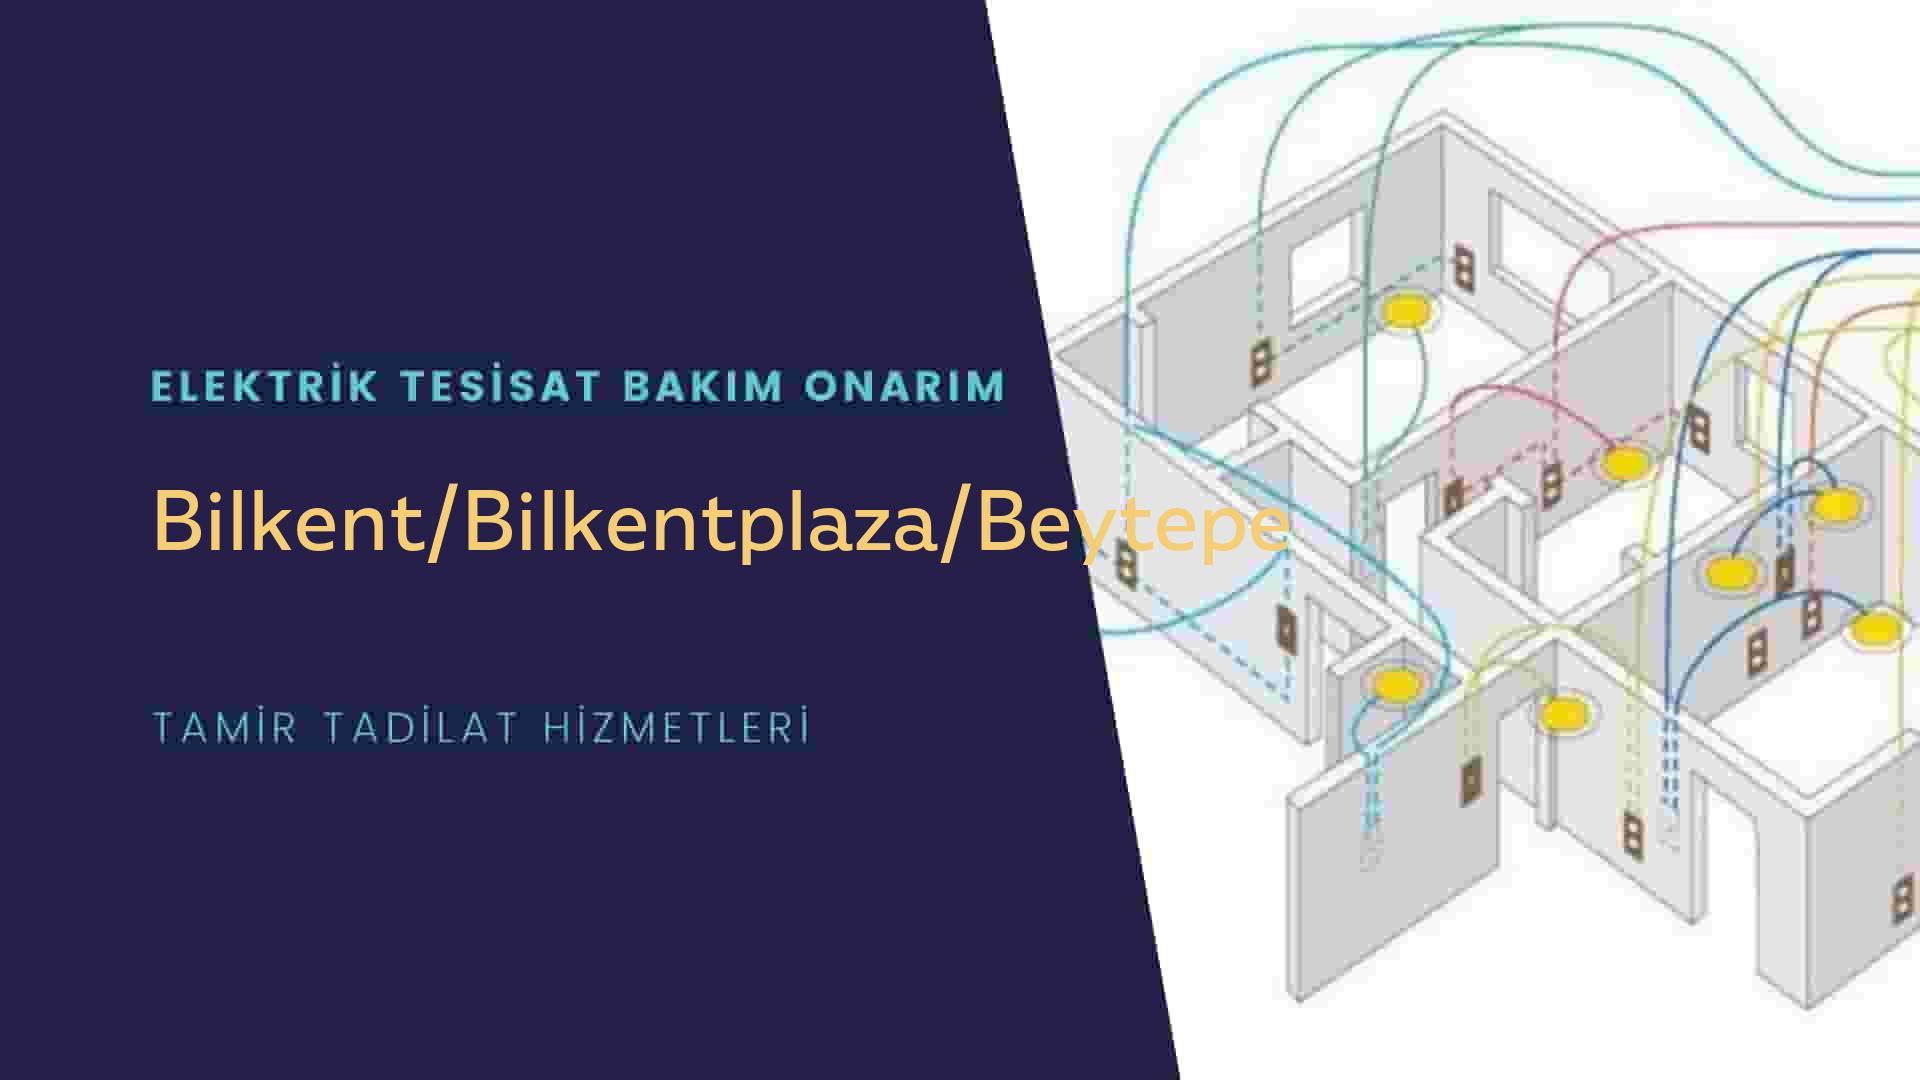 Bilkent/Bilkentplaza/Beytepe'de elektrik tesisatıustalarımı arıyorsunuz doğru adrestenizi Bilkent/Bilkentplaza/Beytepe elektrik tesisatı ustalarımız 7/24 sizlere hizmet vermekten mutluluk duyar.